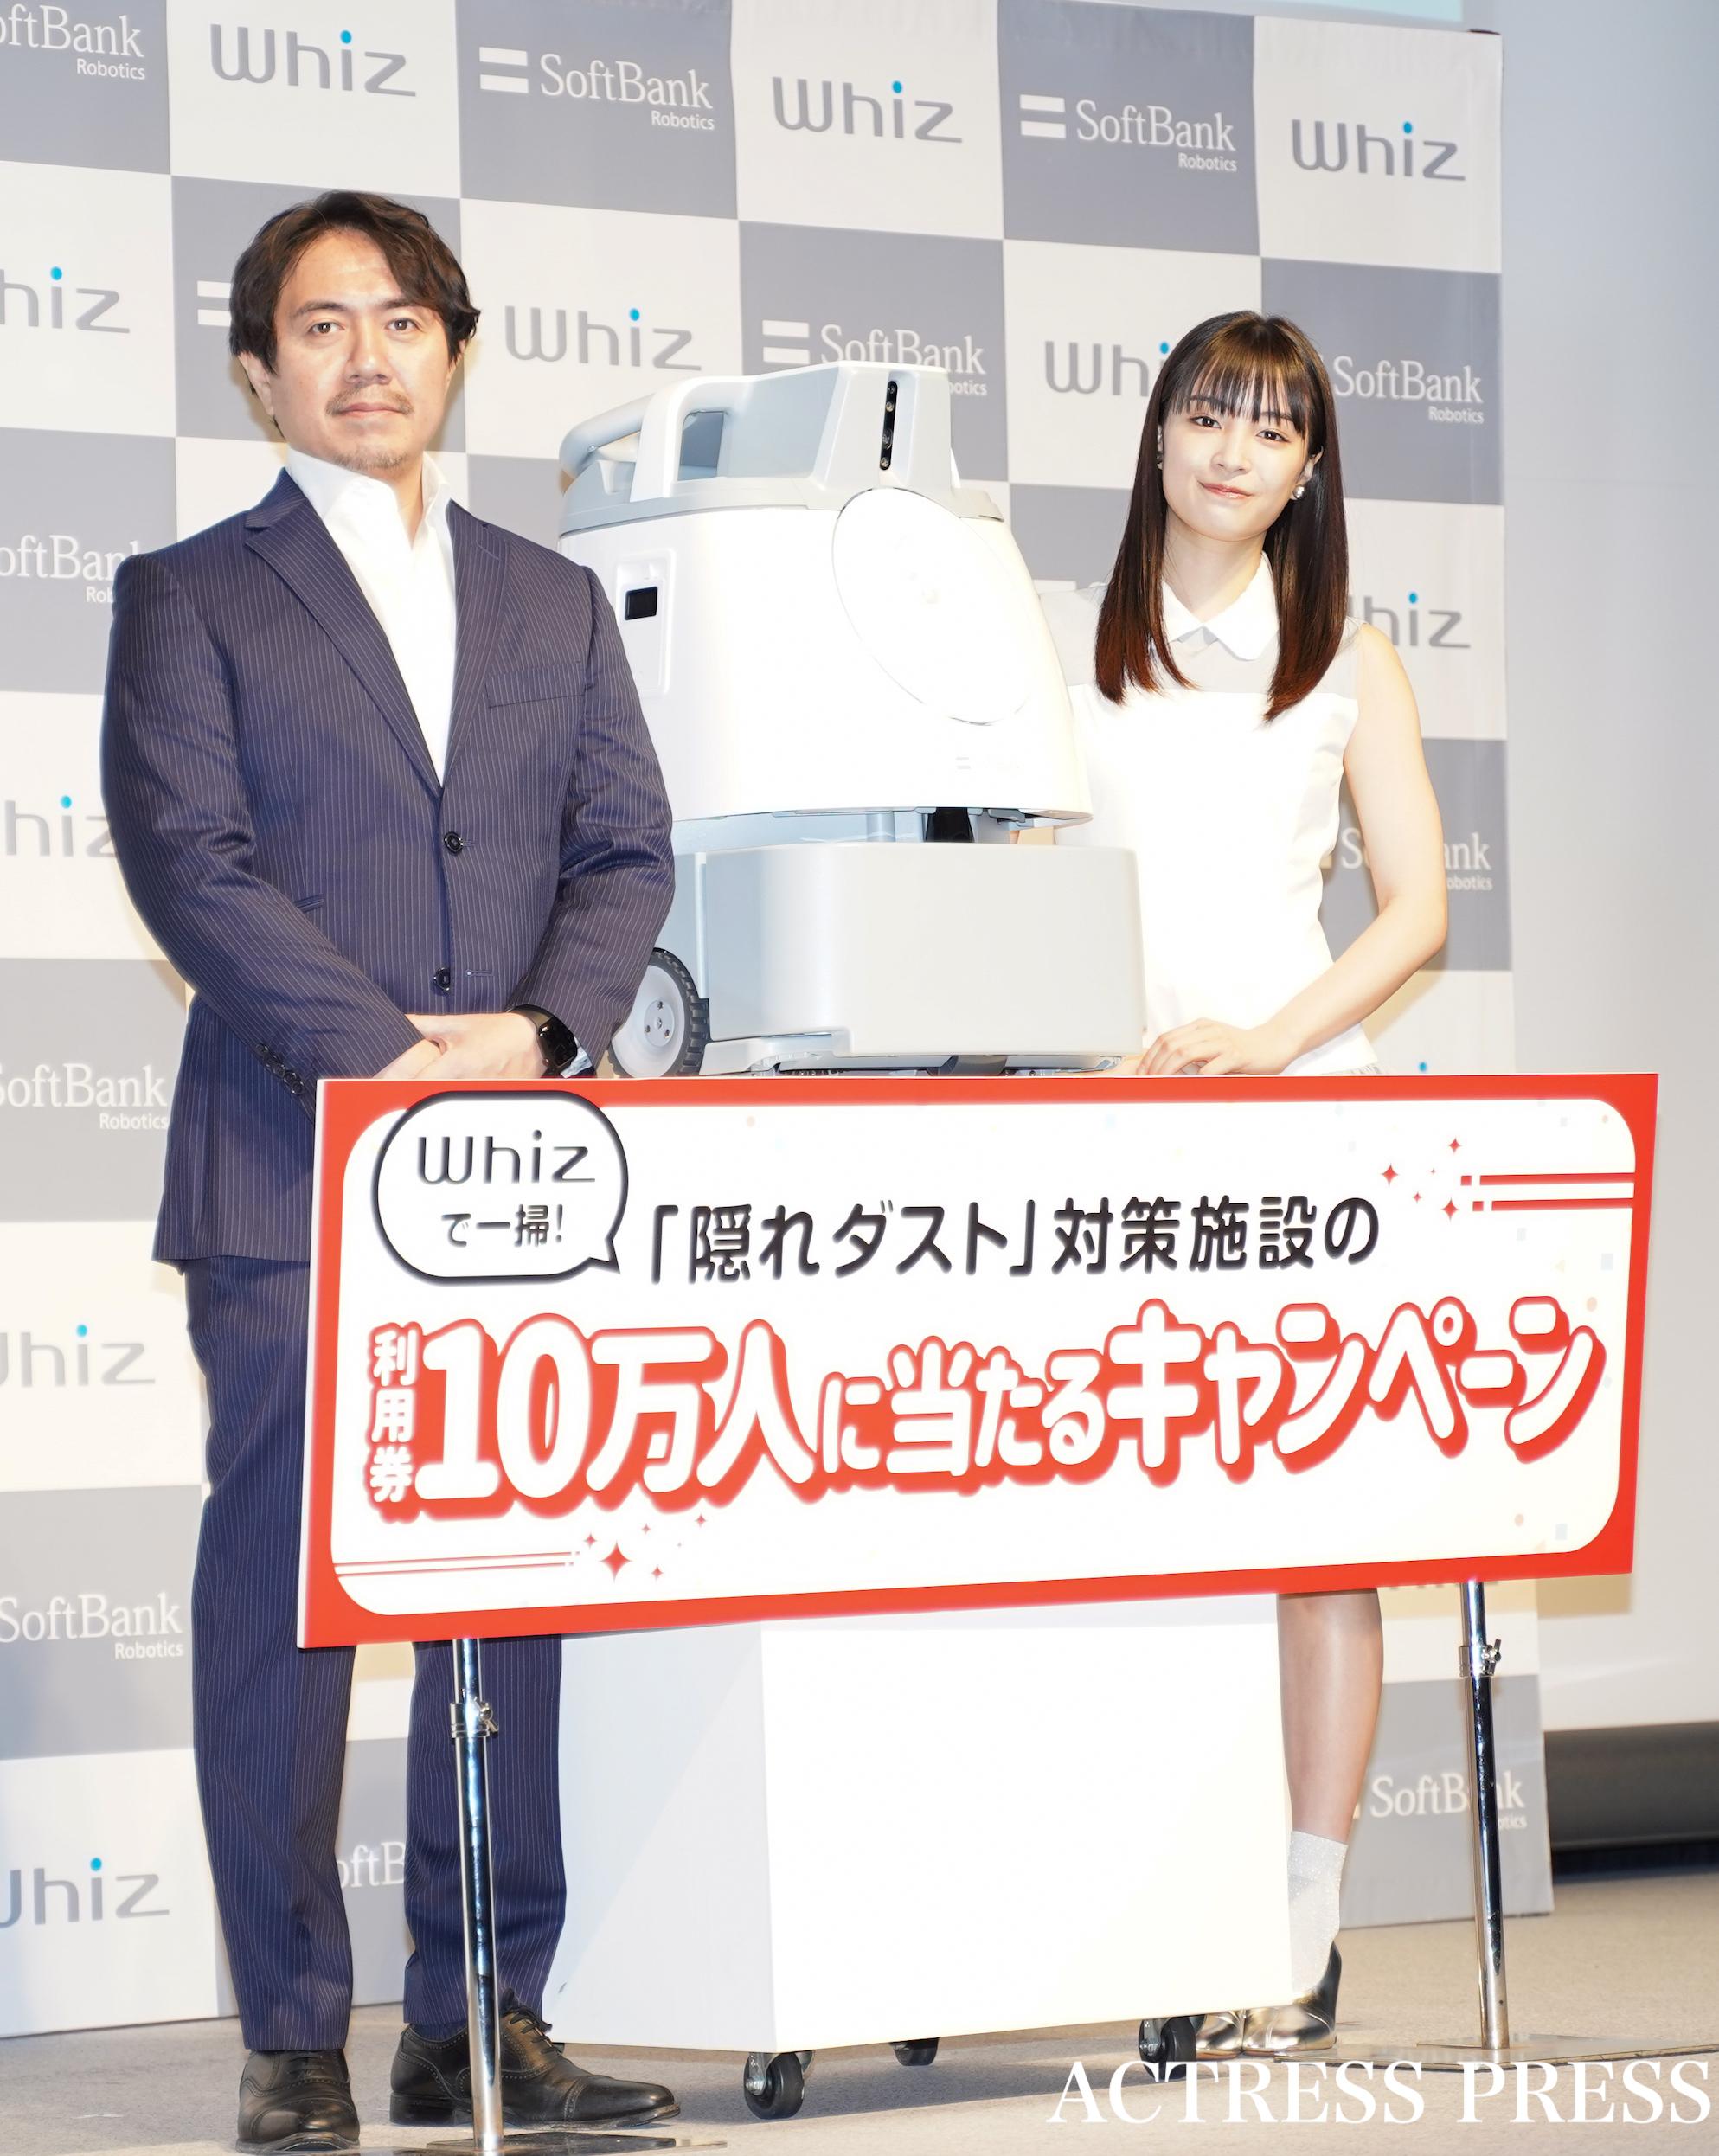 広瀬すず、ソフトバンクロボティックスグループの冨澤文秀社長/AI清掃ロボット「Whiz」新キャンペーン発表会にて(2020年2月3日、渋谷ストリームホールにて)/:撮影:ACTRESS PRESS編集部